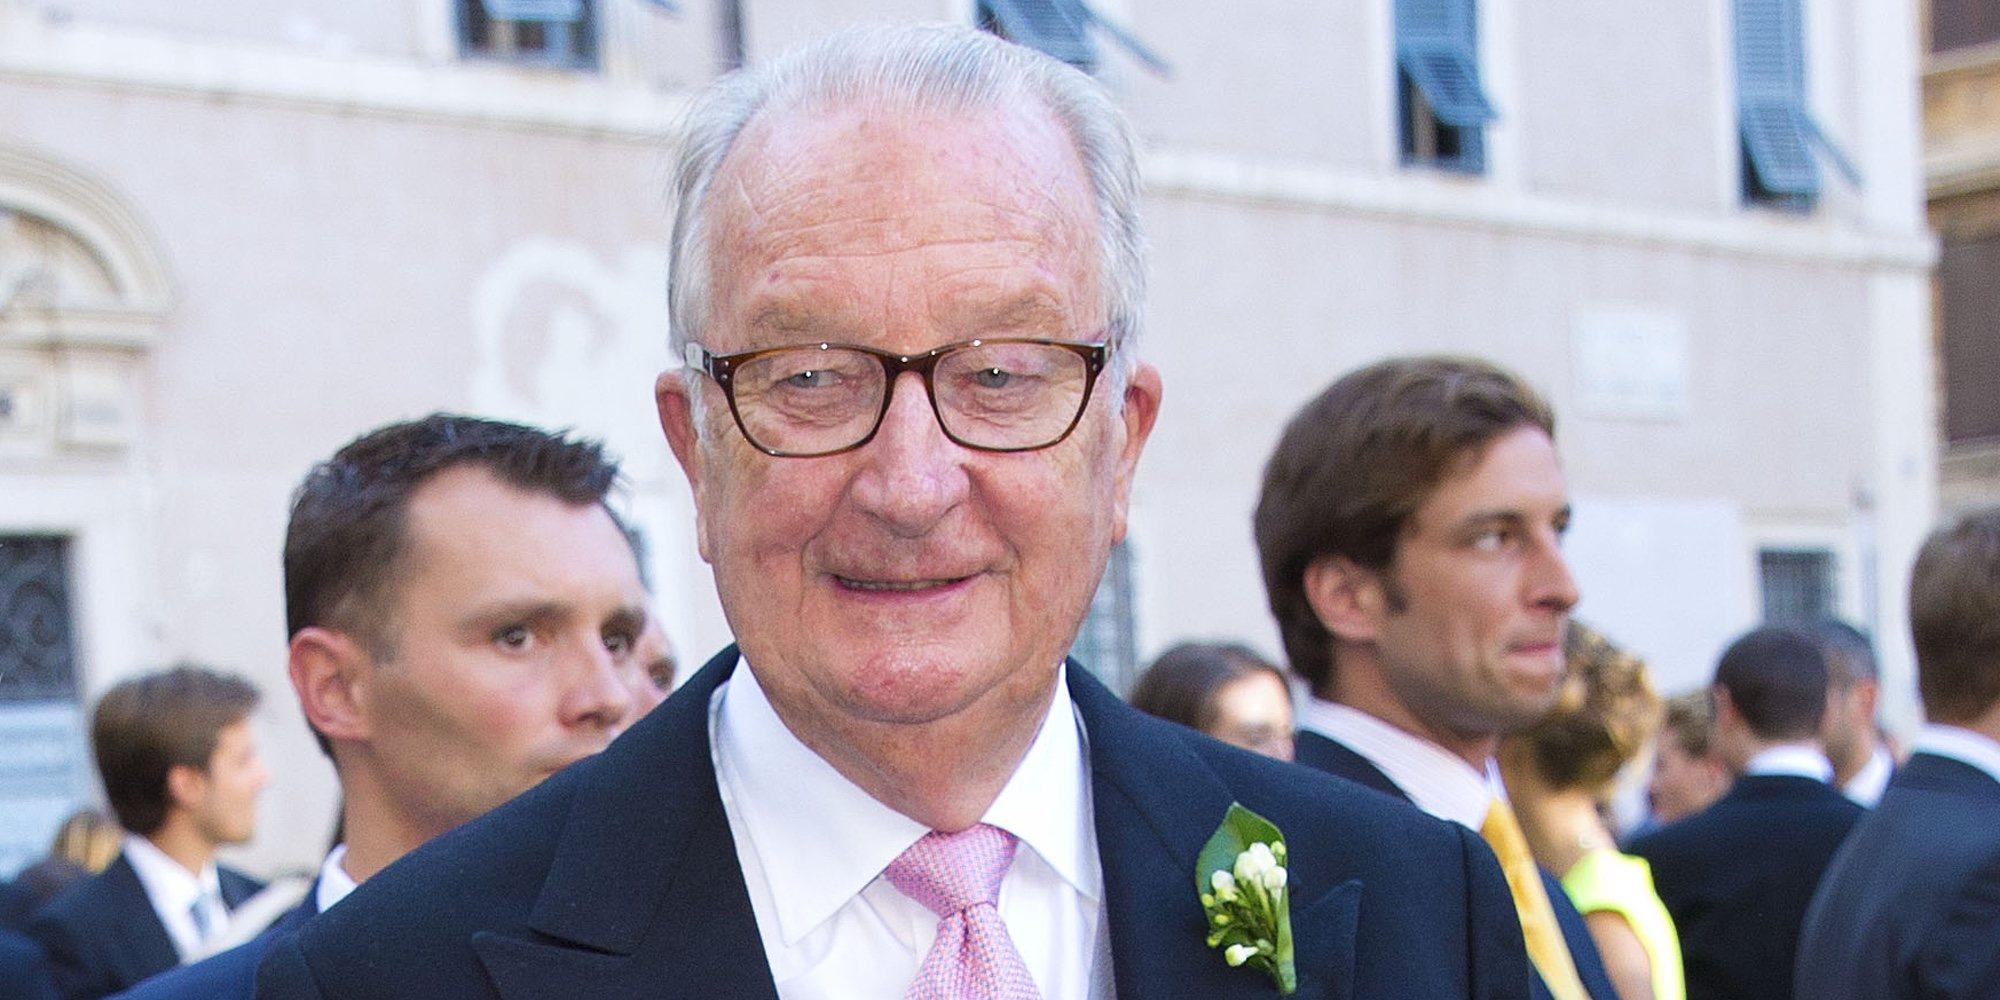 Alberto de Bélgica, operado con éxito de sus problemas cardiovasculares, ya ha recibido el alta